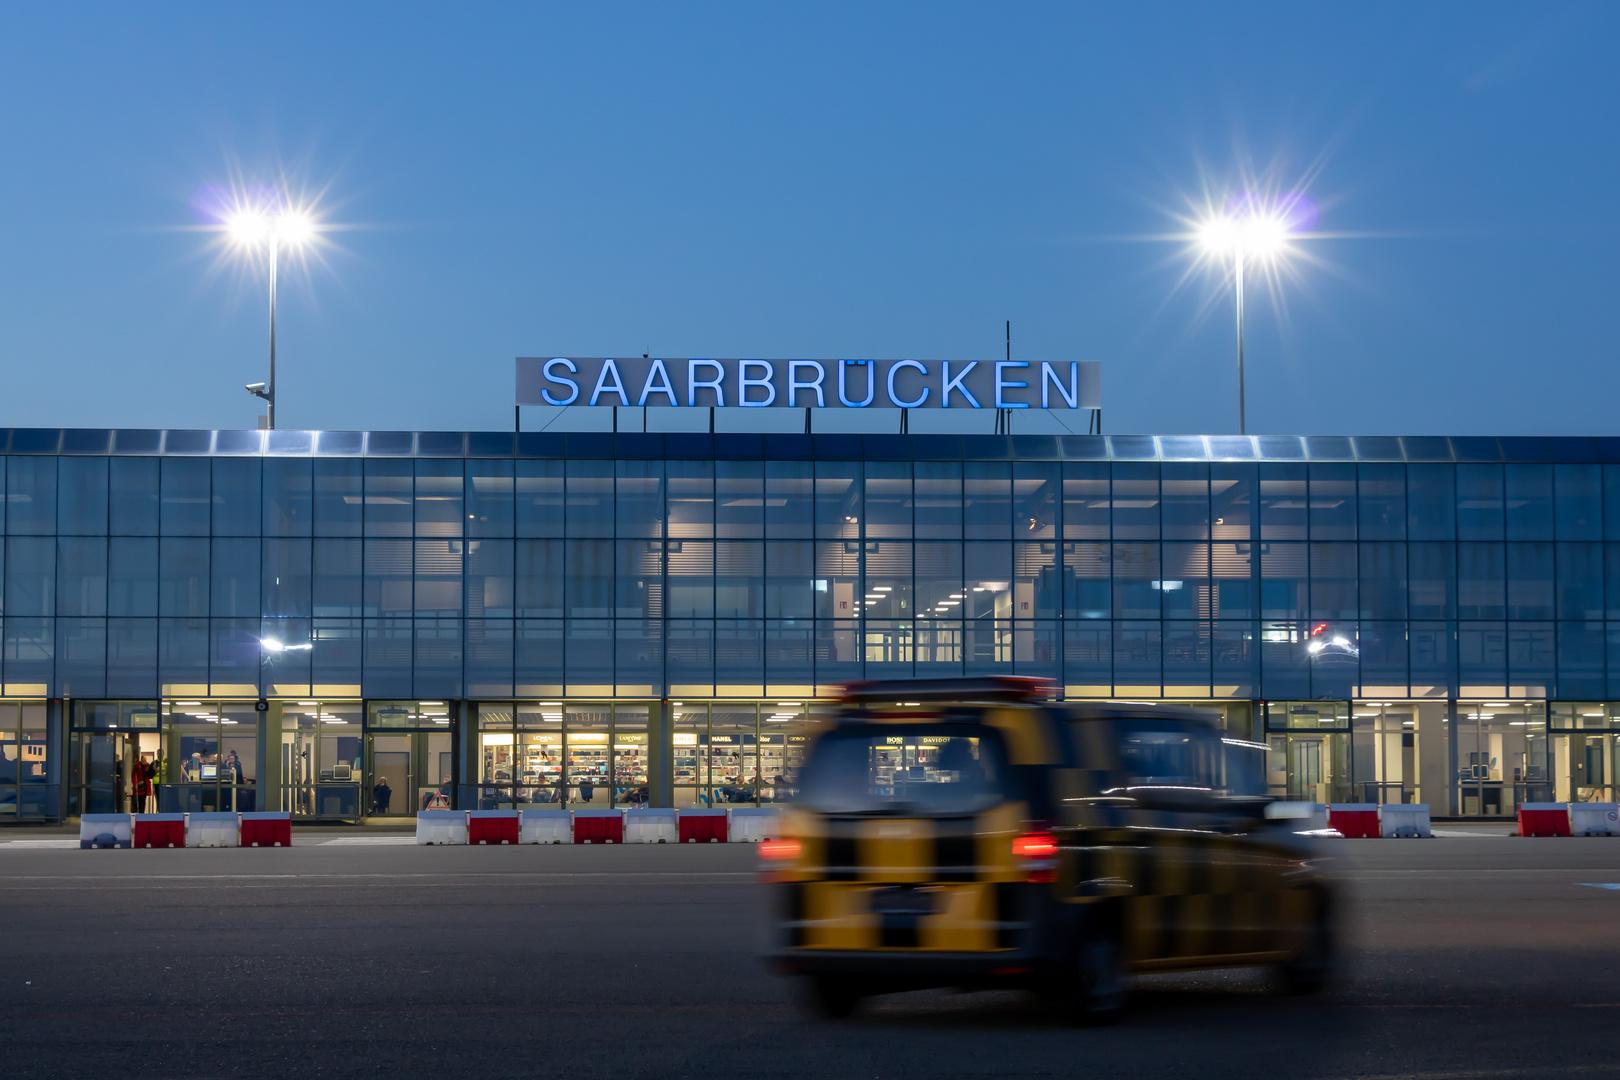 Flughafen Saarbrücken